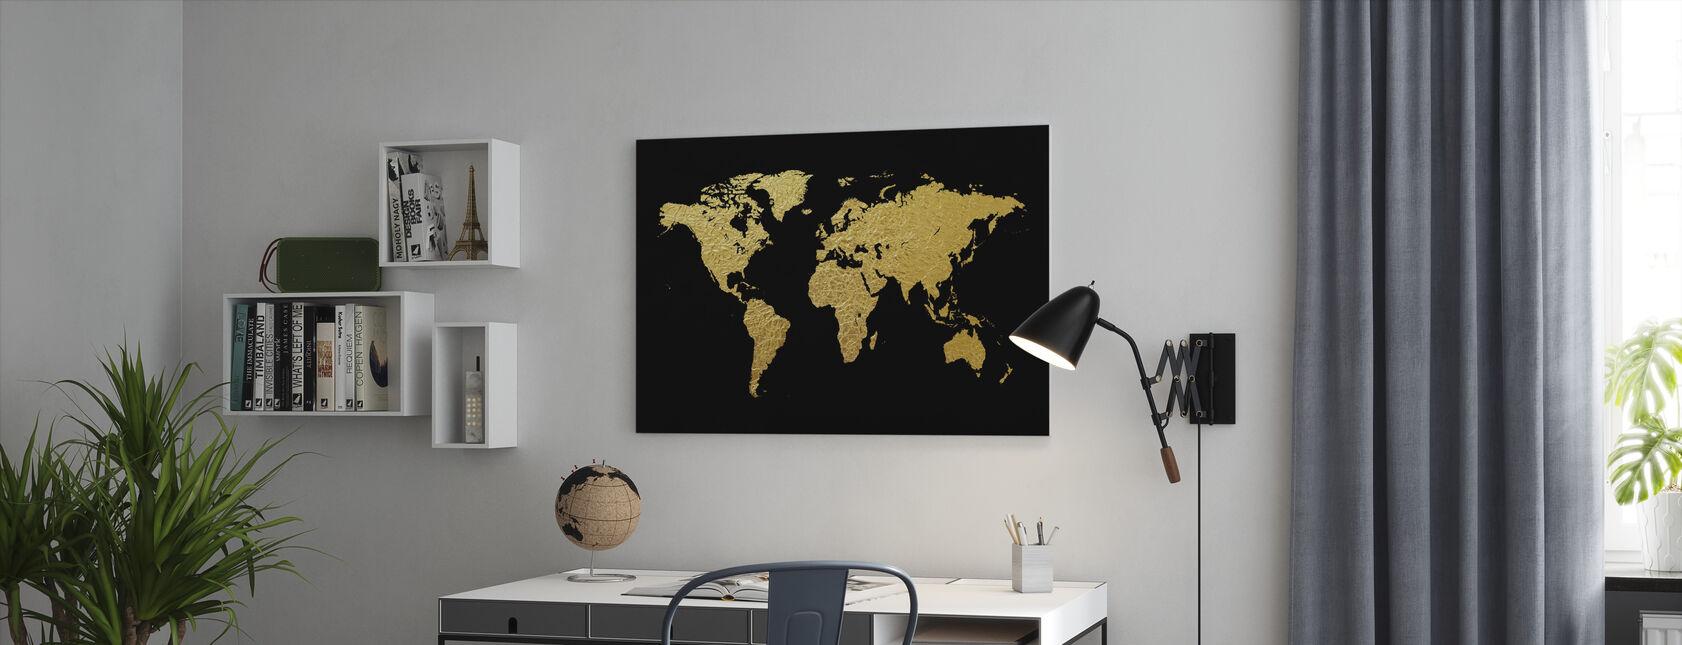 Gull verdenskart med svart bakgrunn - Lerretsbilde - Kontor